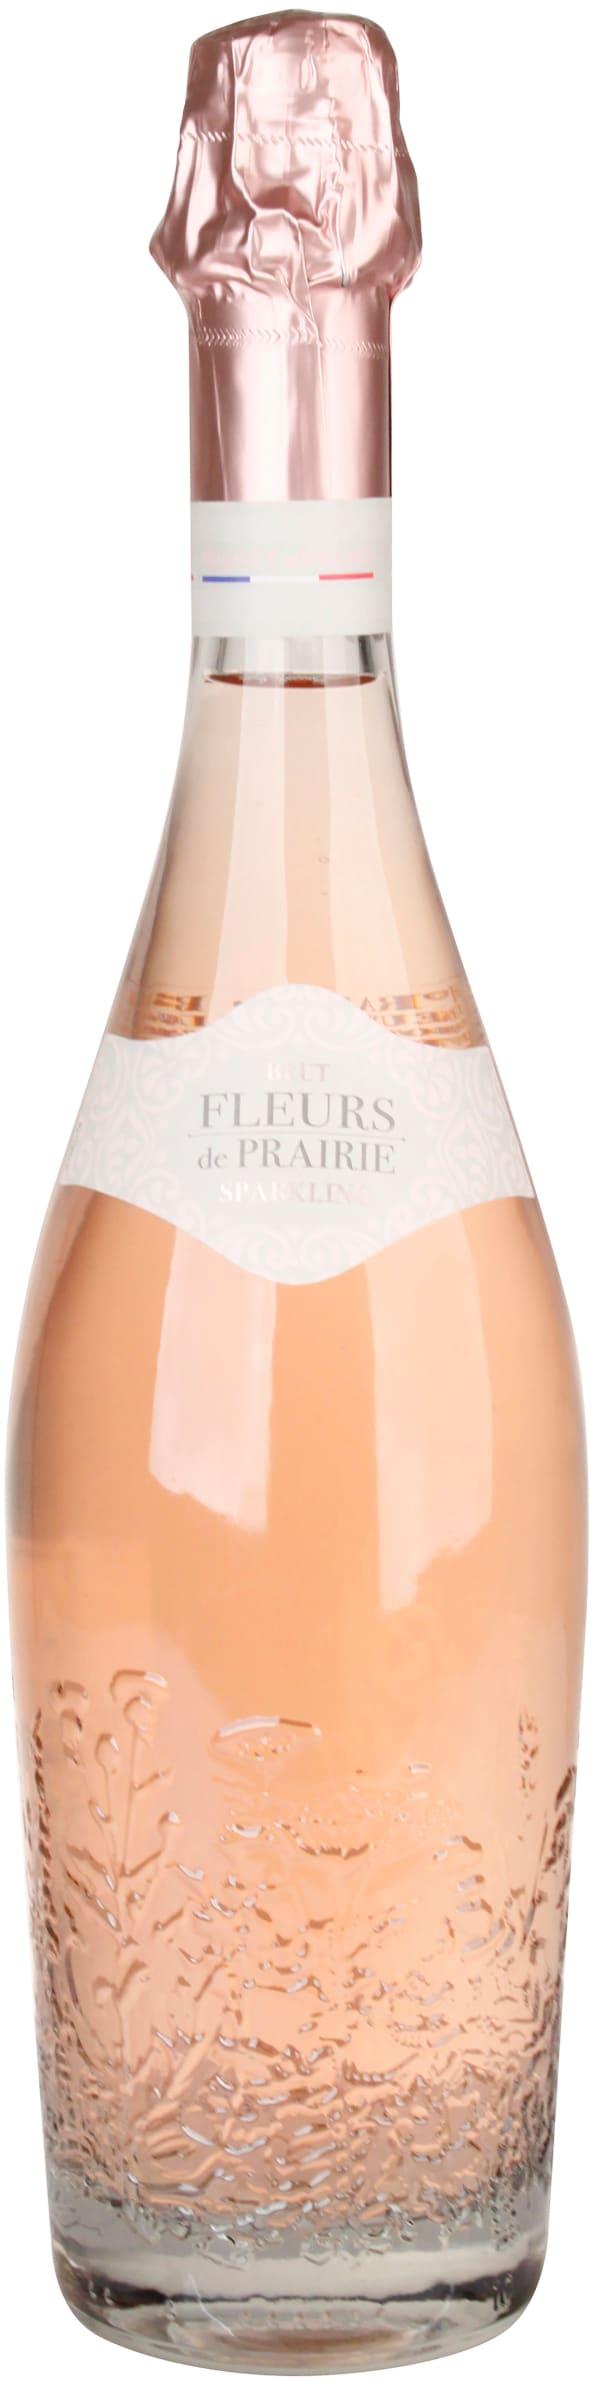 Fleurs de Prairie Sparkling Rosé Brut